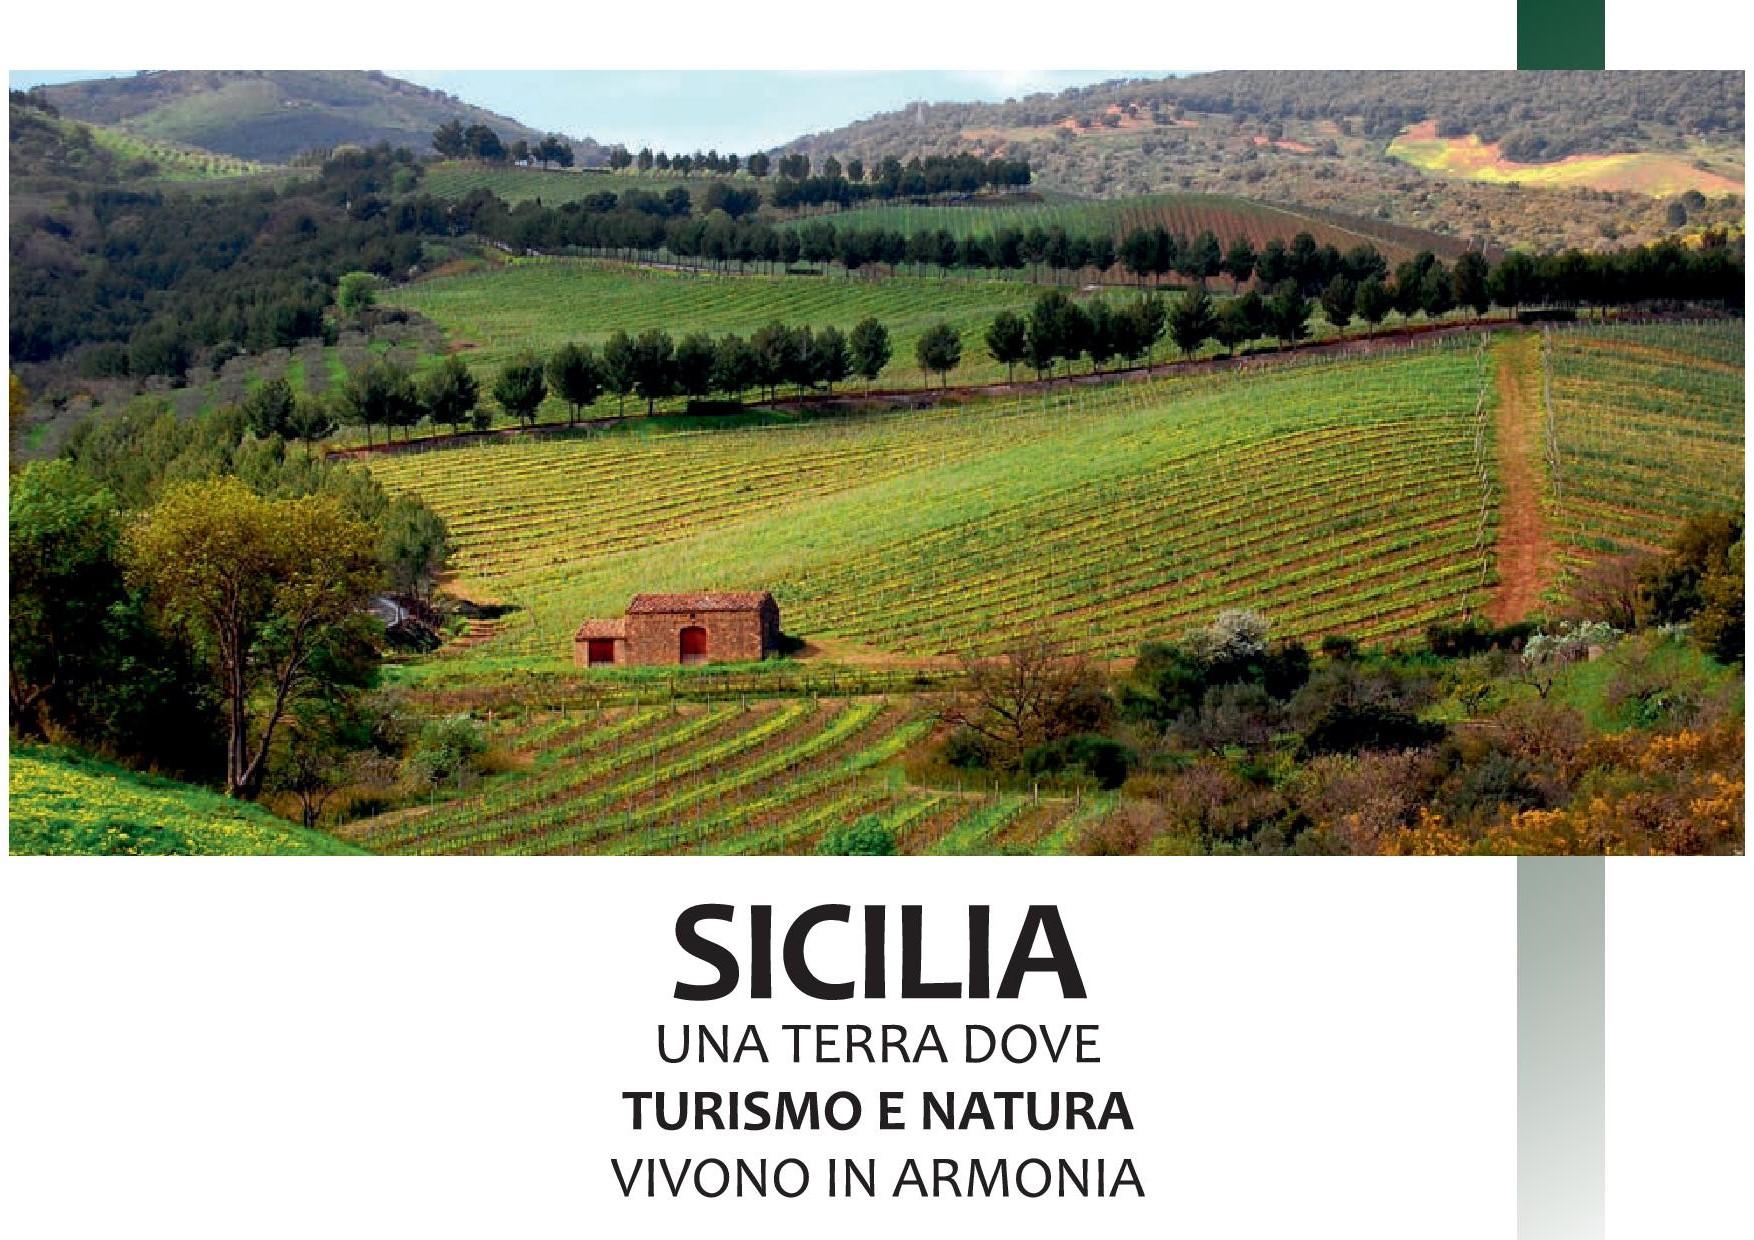 Turismo e Natura in Sicilia